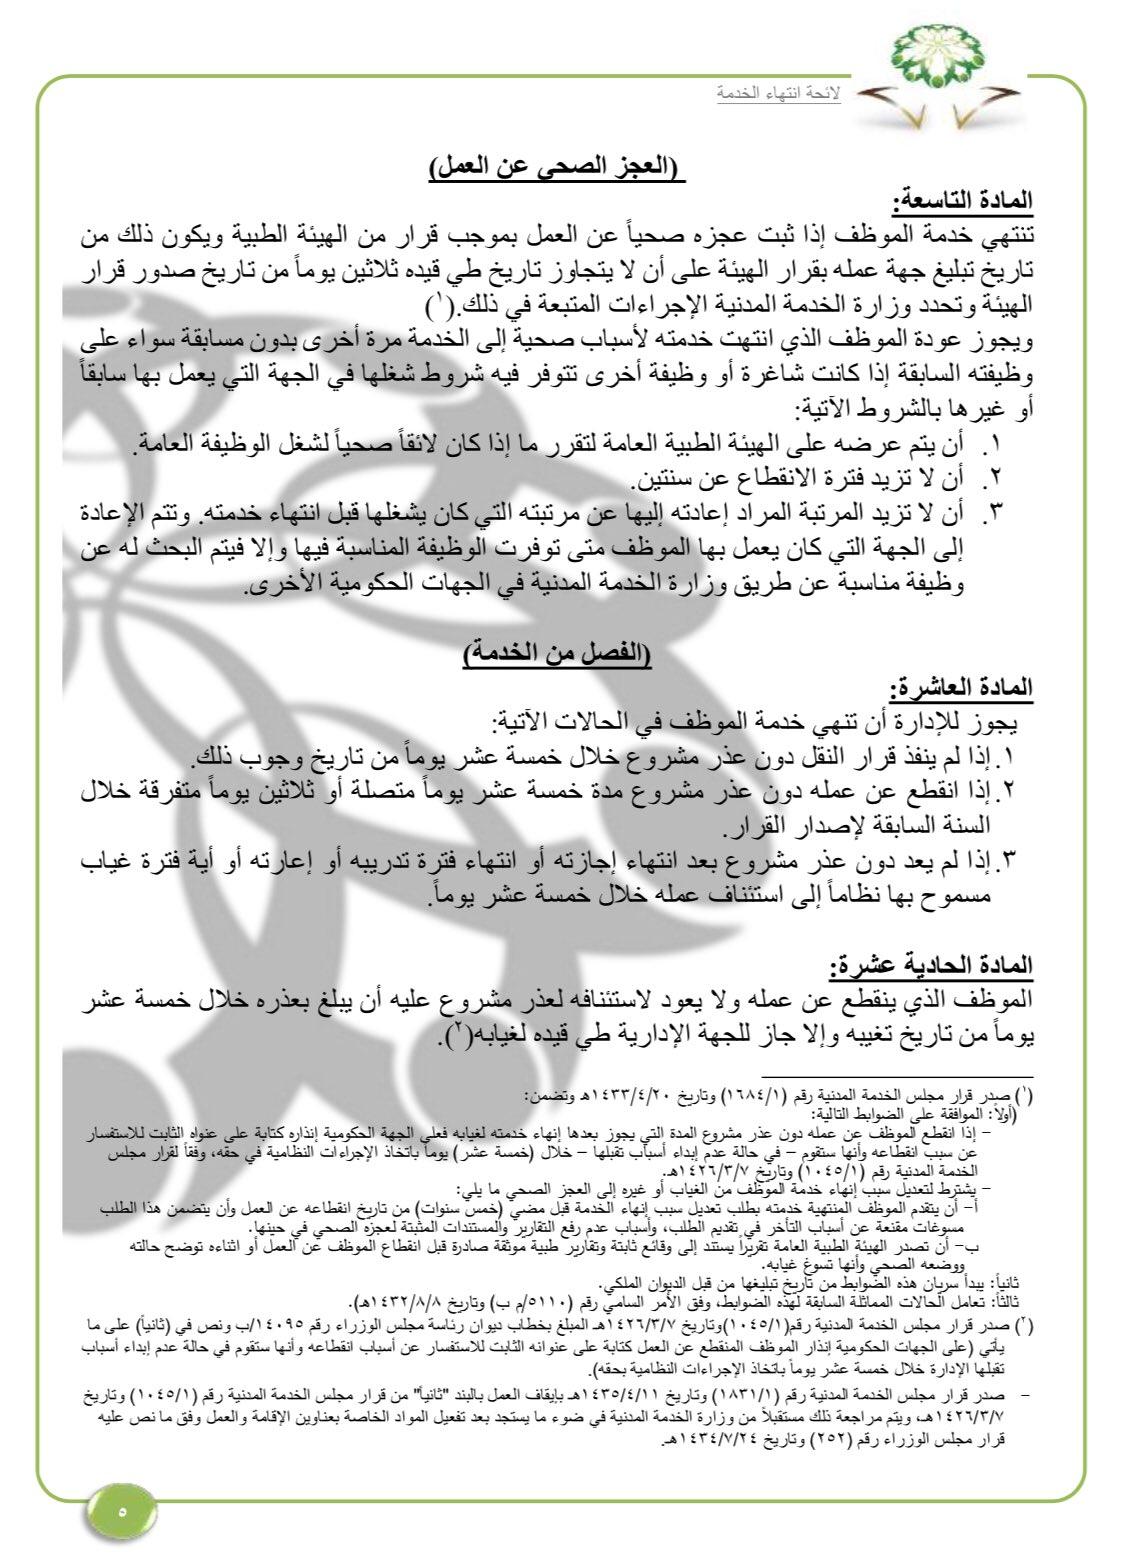 Qarar Pa Twitter Flahom1 فصل الموظف بسبب الغياب أو الإنقطاع عن العمل ليس من حالات إنهاء الخدمة بقوة النظام وإنما هو أمر جوازي يجوز للجهة فصل الموظف المتغيب وفق المادة 10